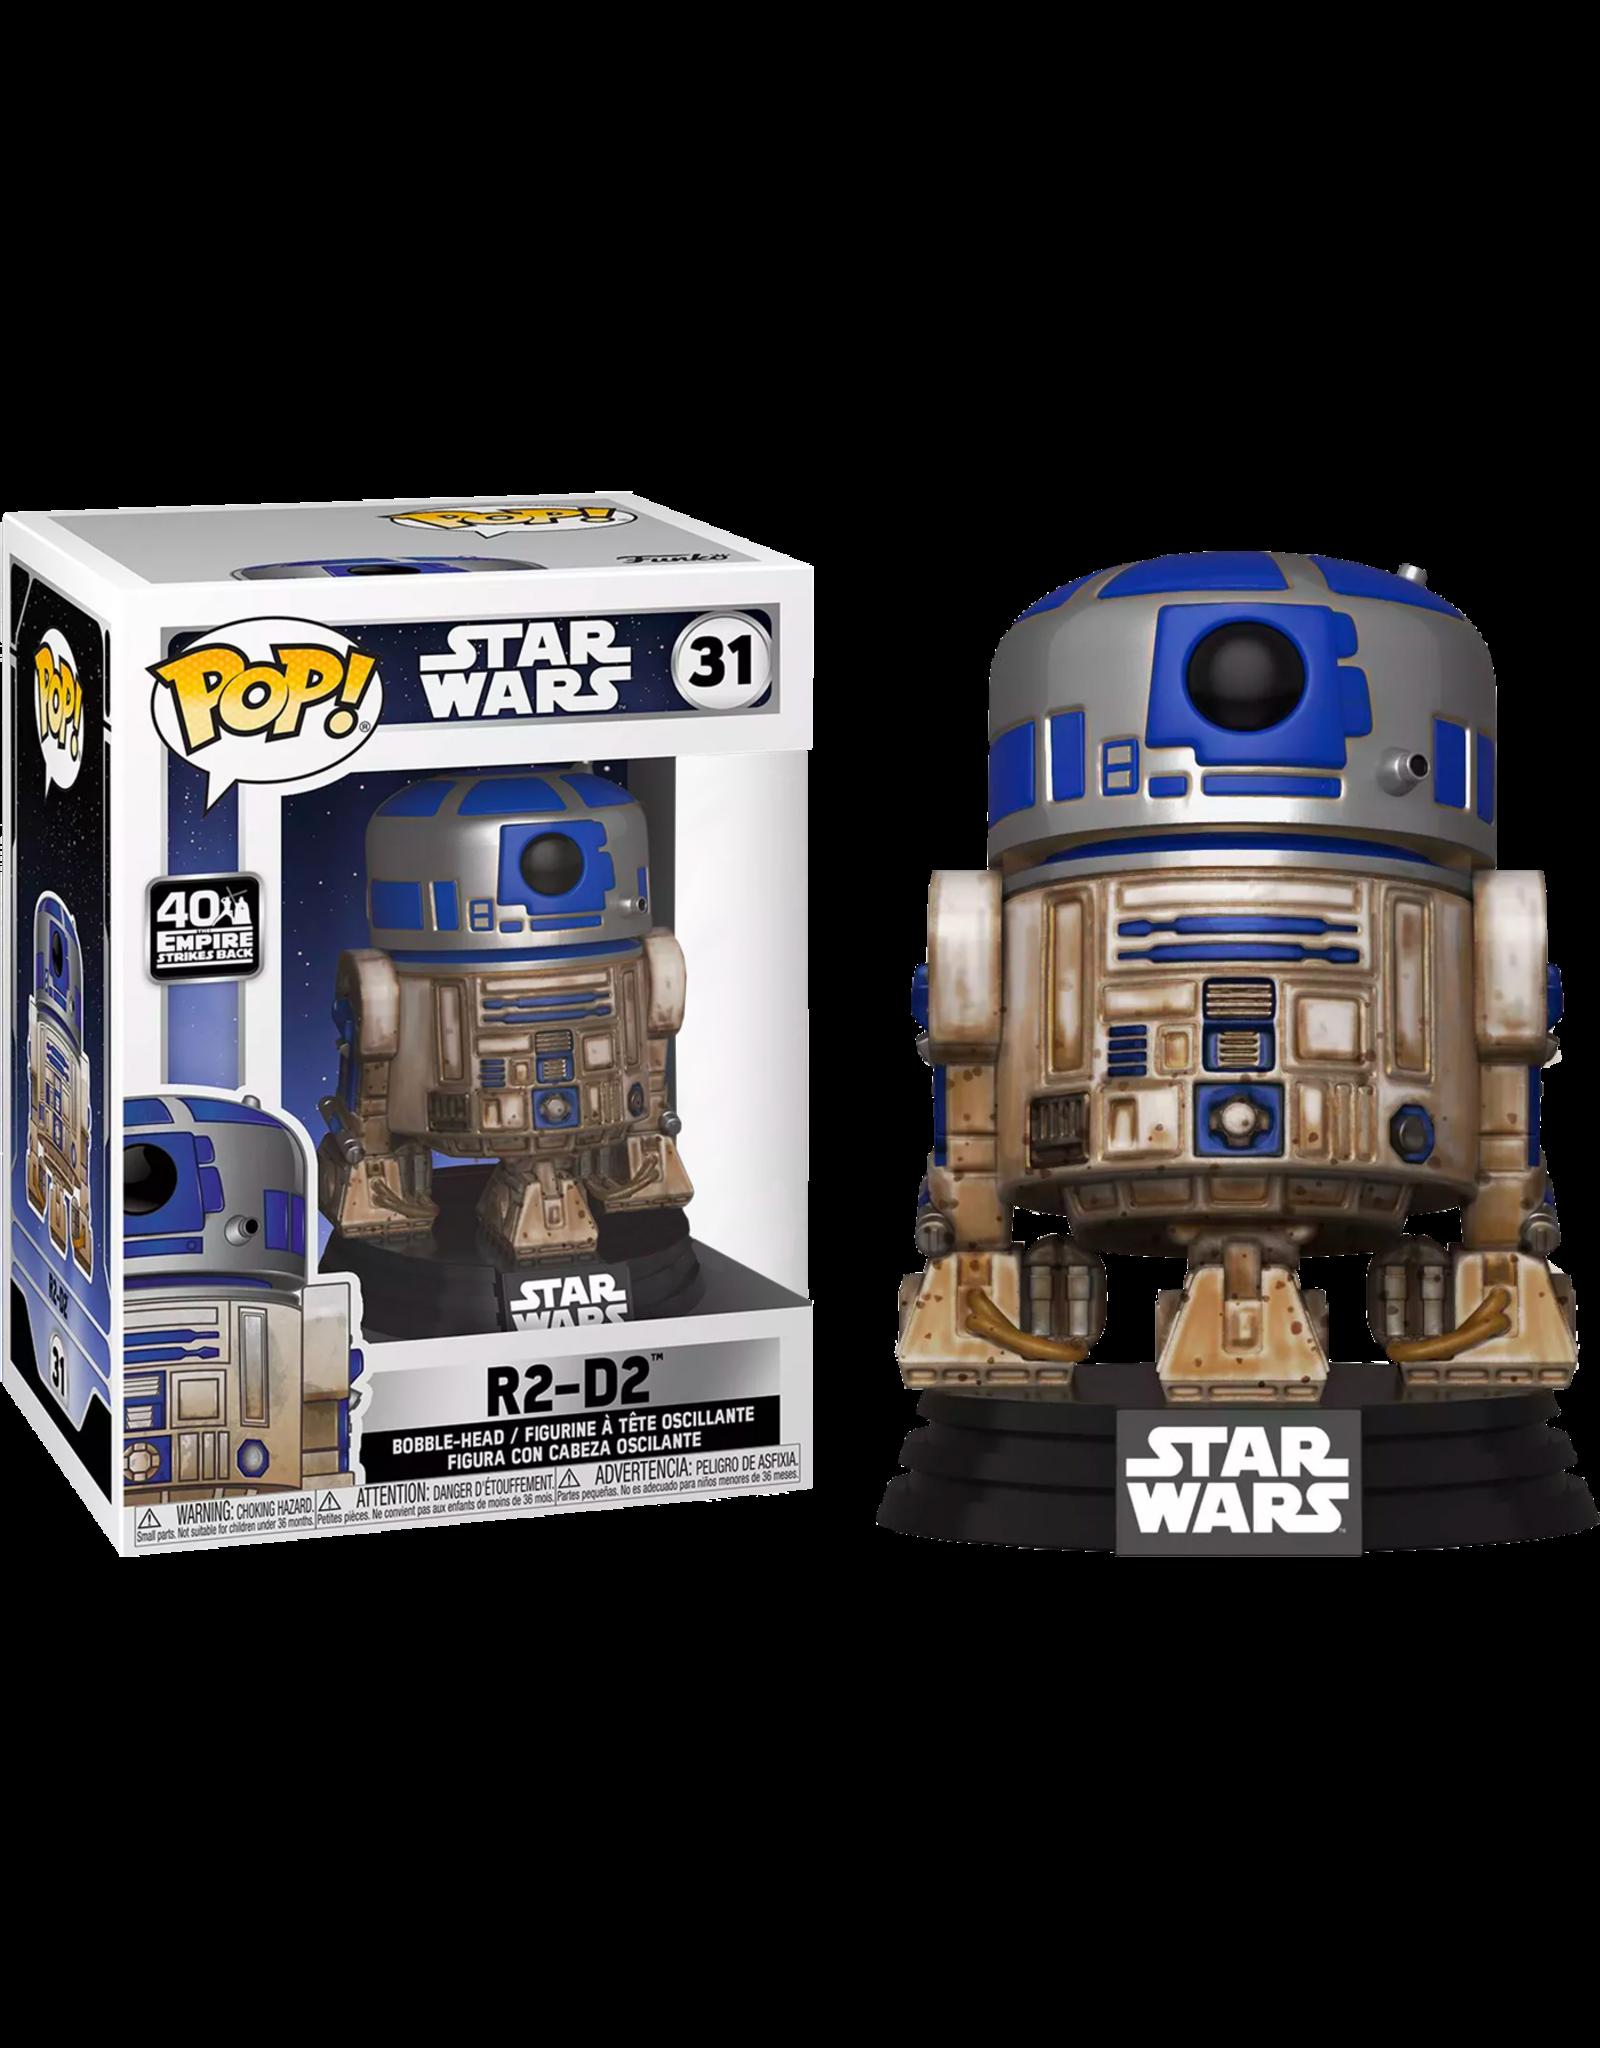 Funko STAR WARS POP! N° 31 - Dagobah R2-D2 Special Edition